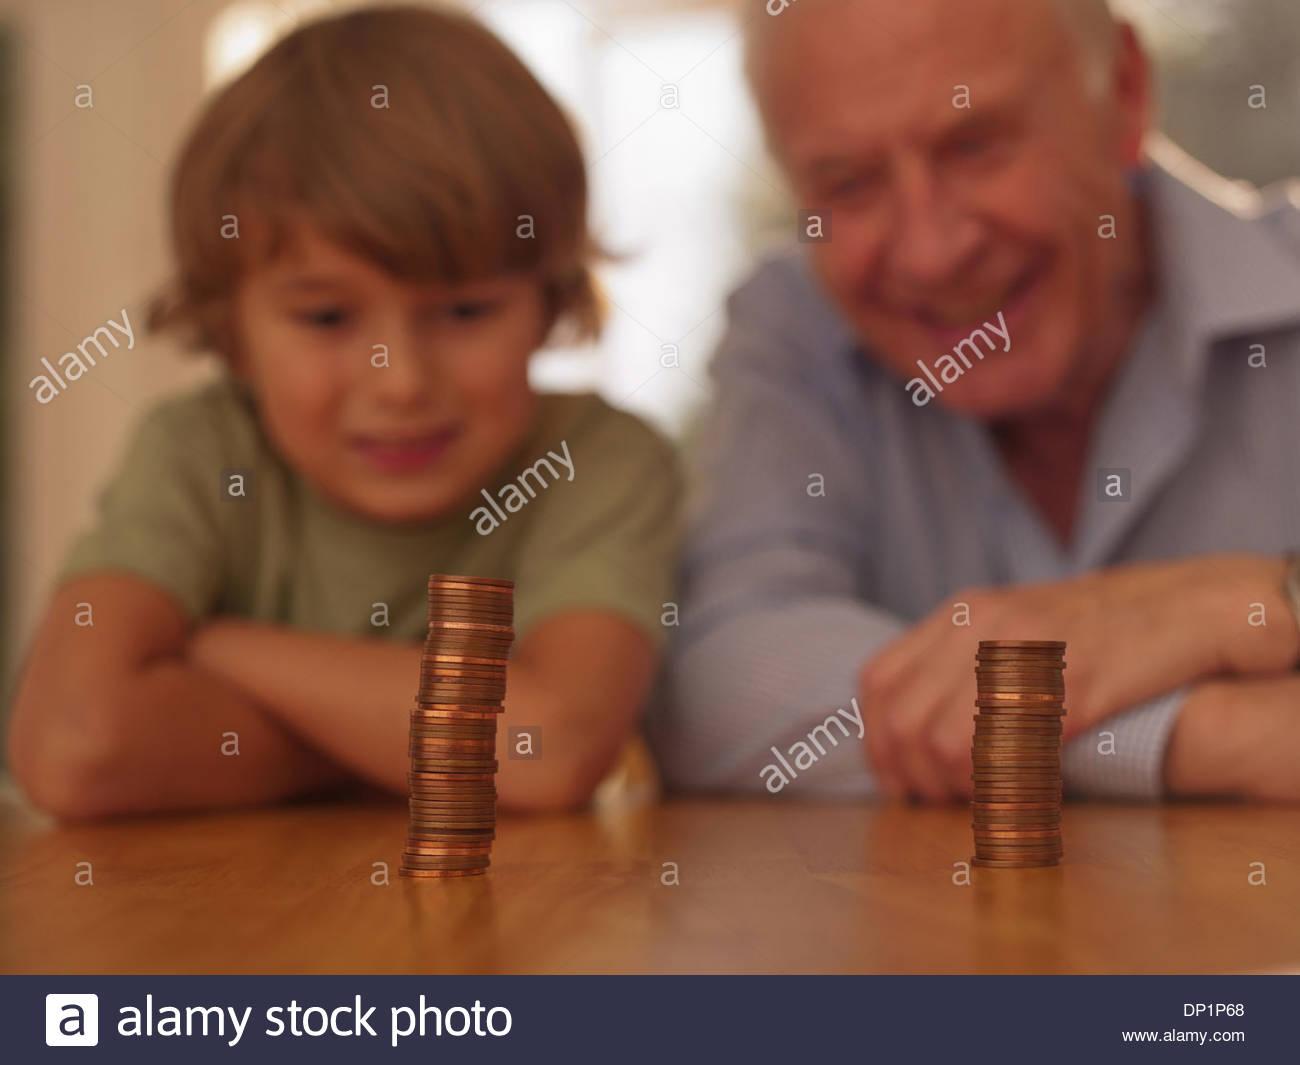 Abuelo y nieto buscando monedas Imagen De Stock